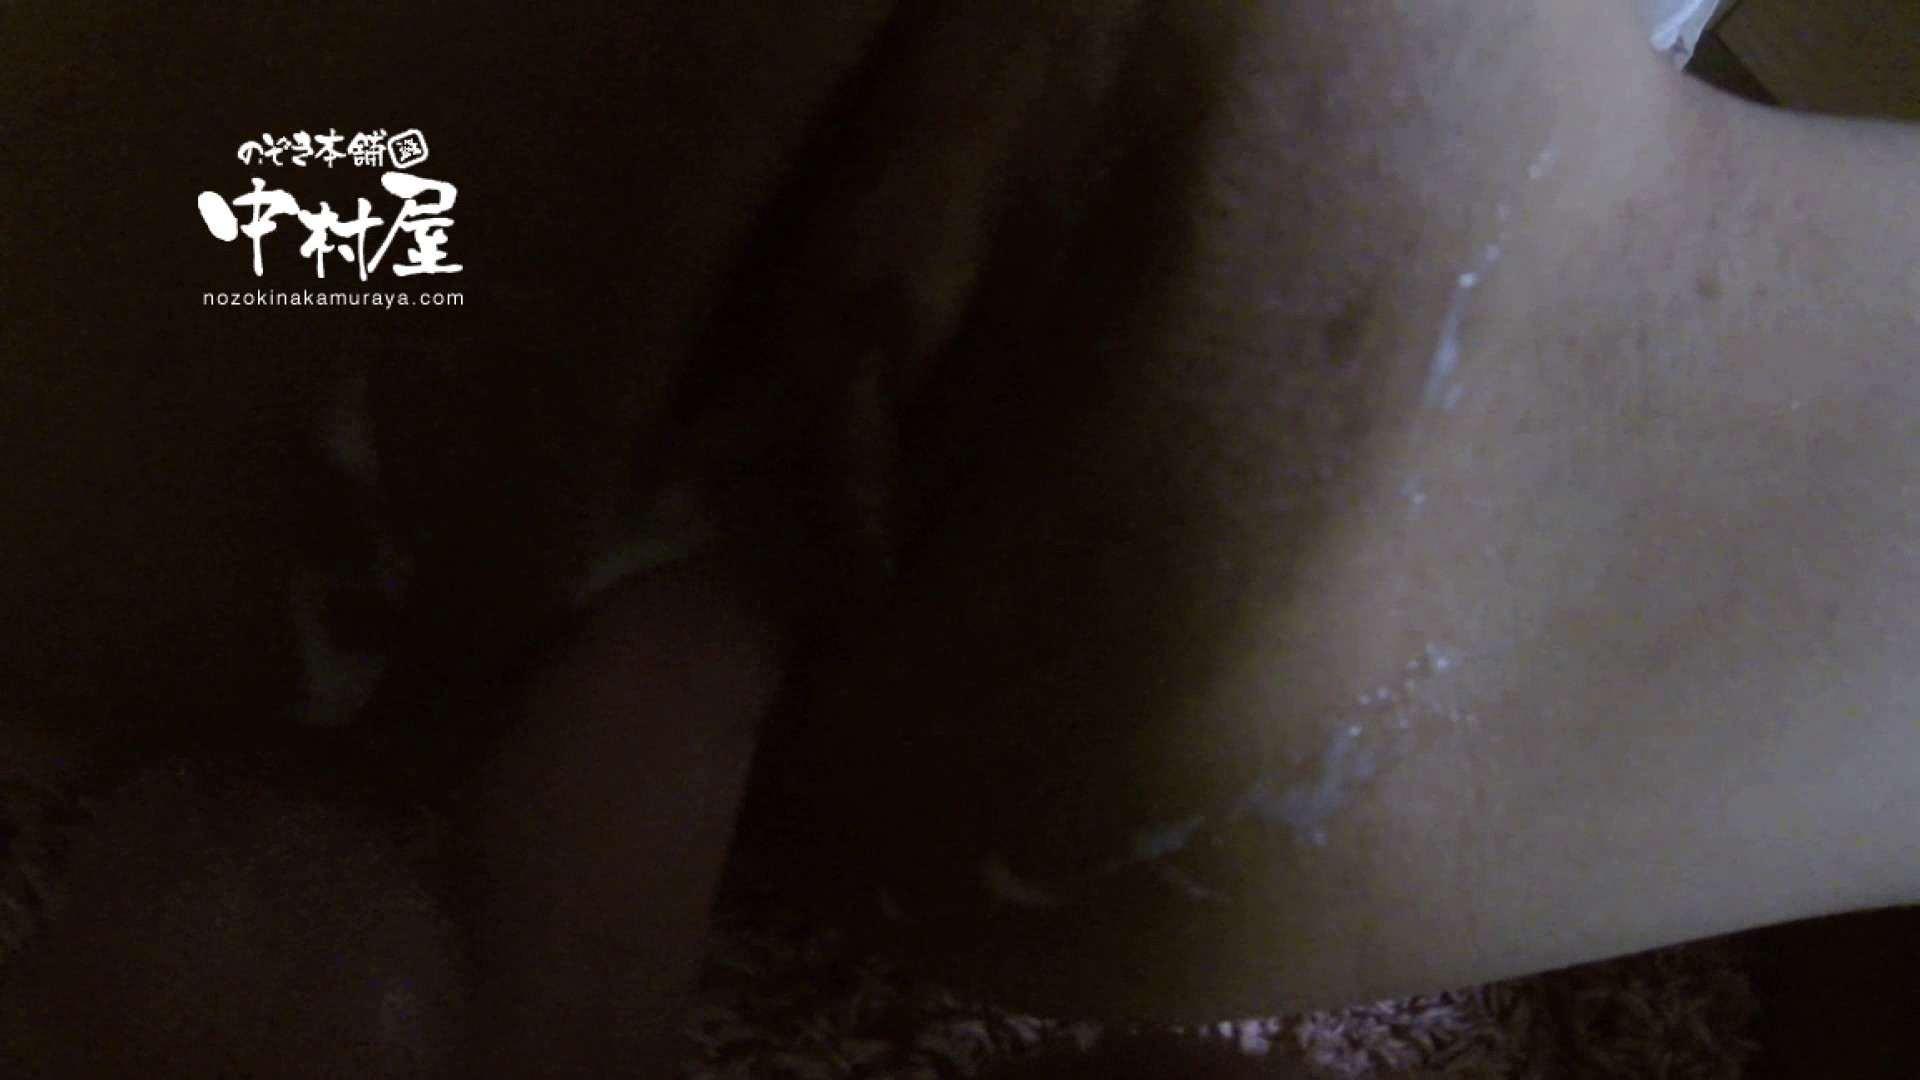 鬼畜 vol.10 あぁ無情…中出しパイパン! 後編 OLエロ画像 盗み撮りオマンコ動画キャプチャ 100PICs 18